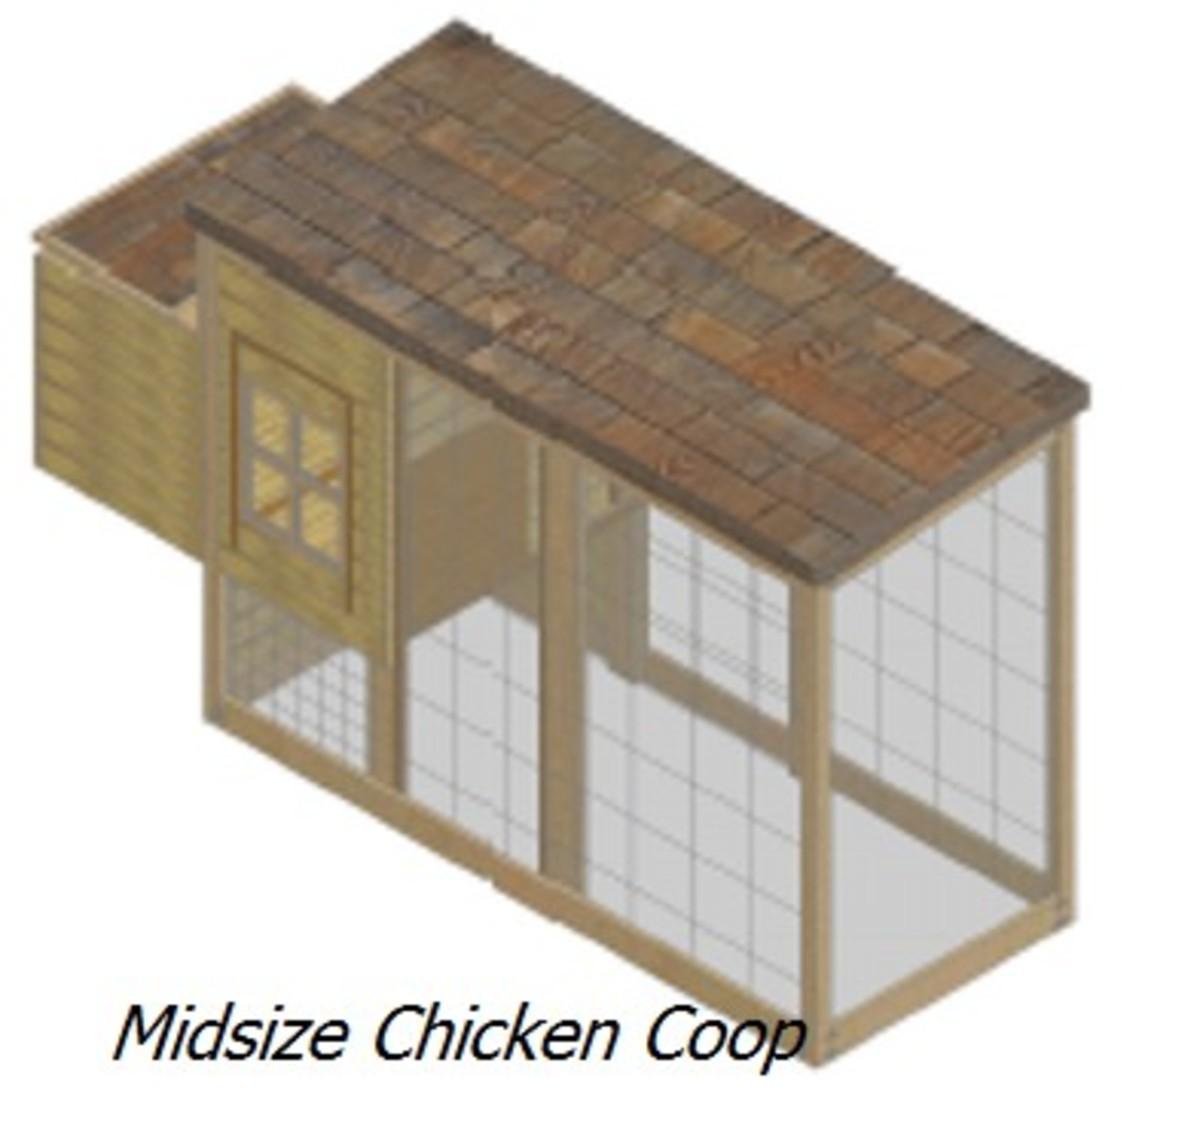 Midsize Chicken Coop Plan